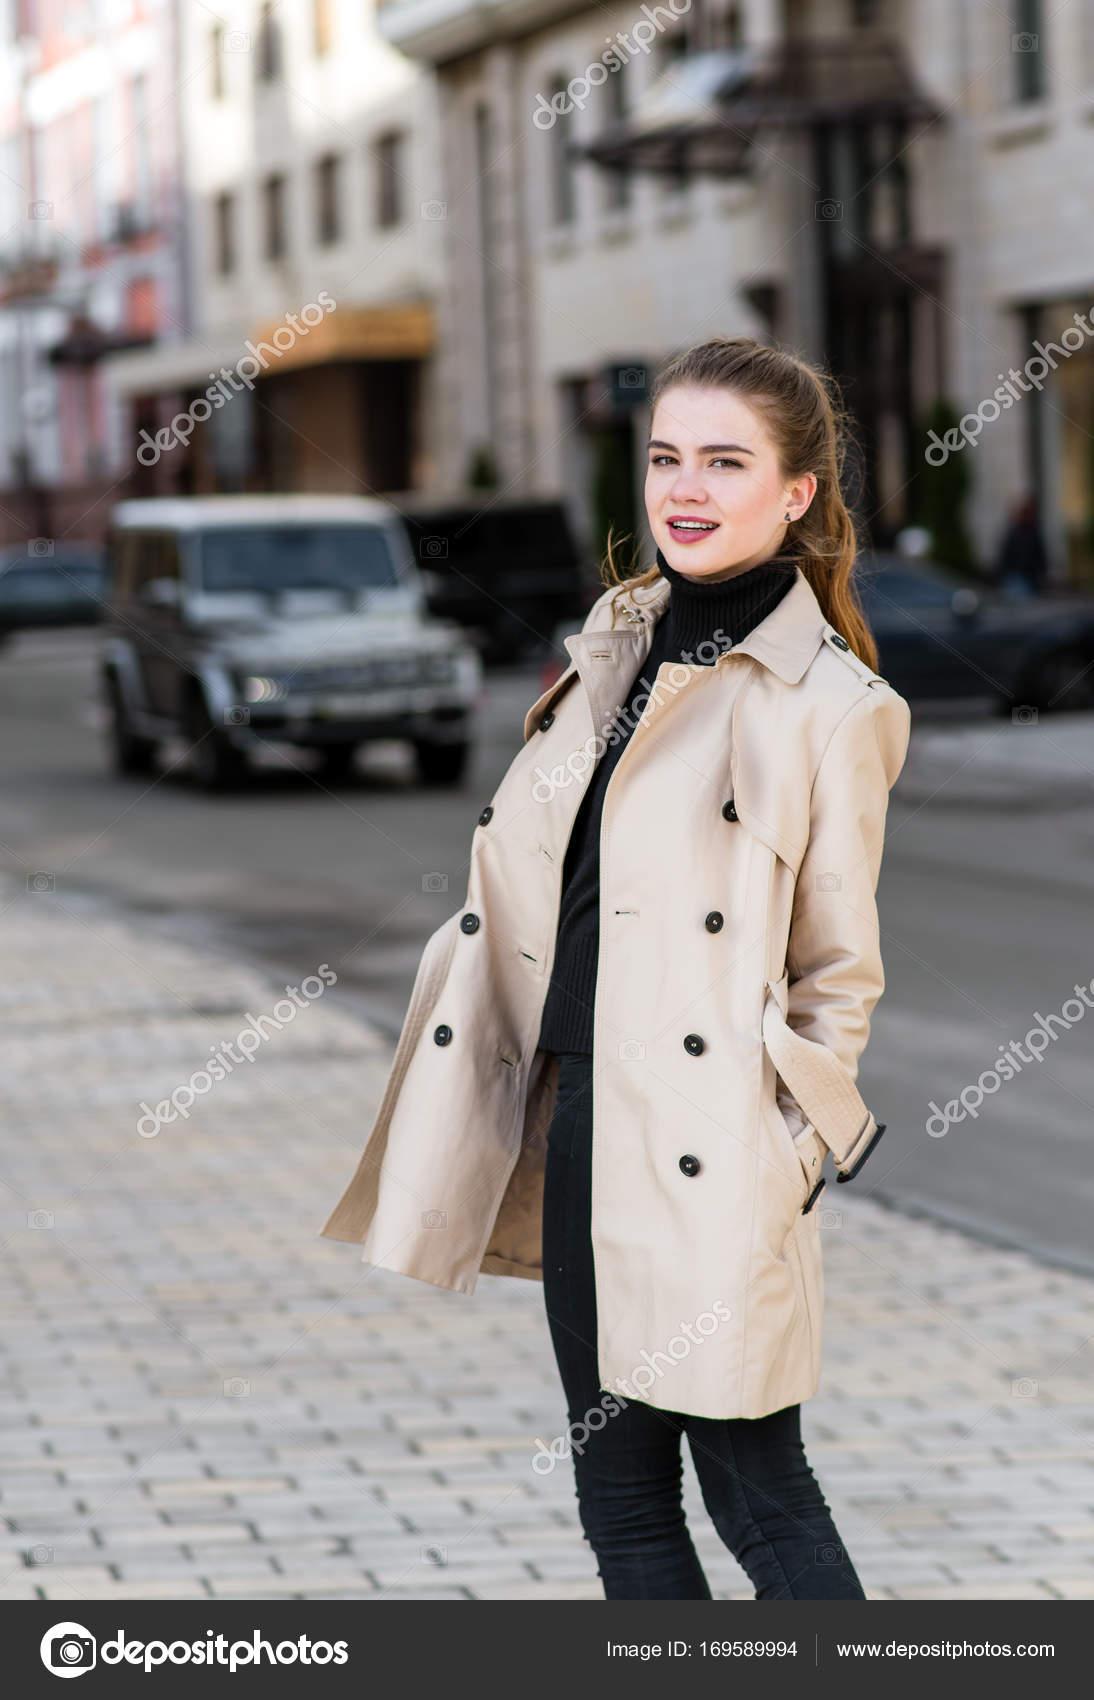 Случайные фото девушек на улицах в красивом пальто, фото секс с женой дома на ковре